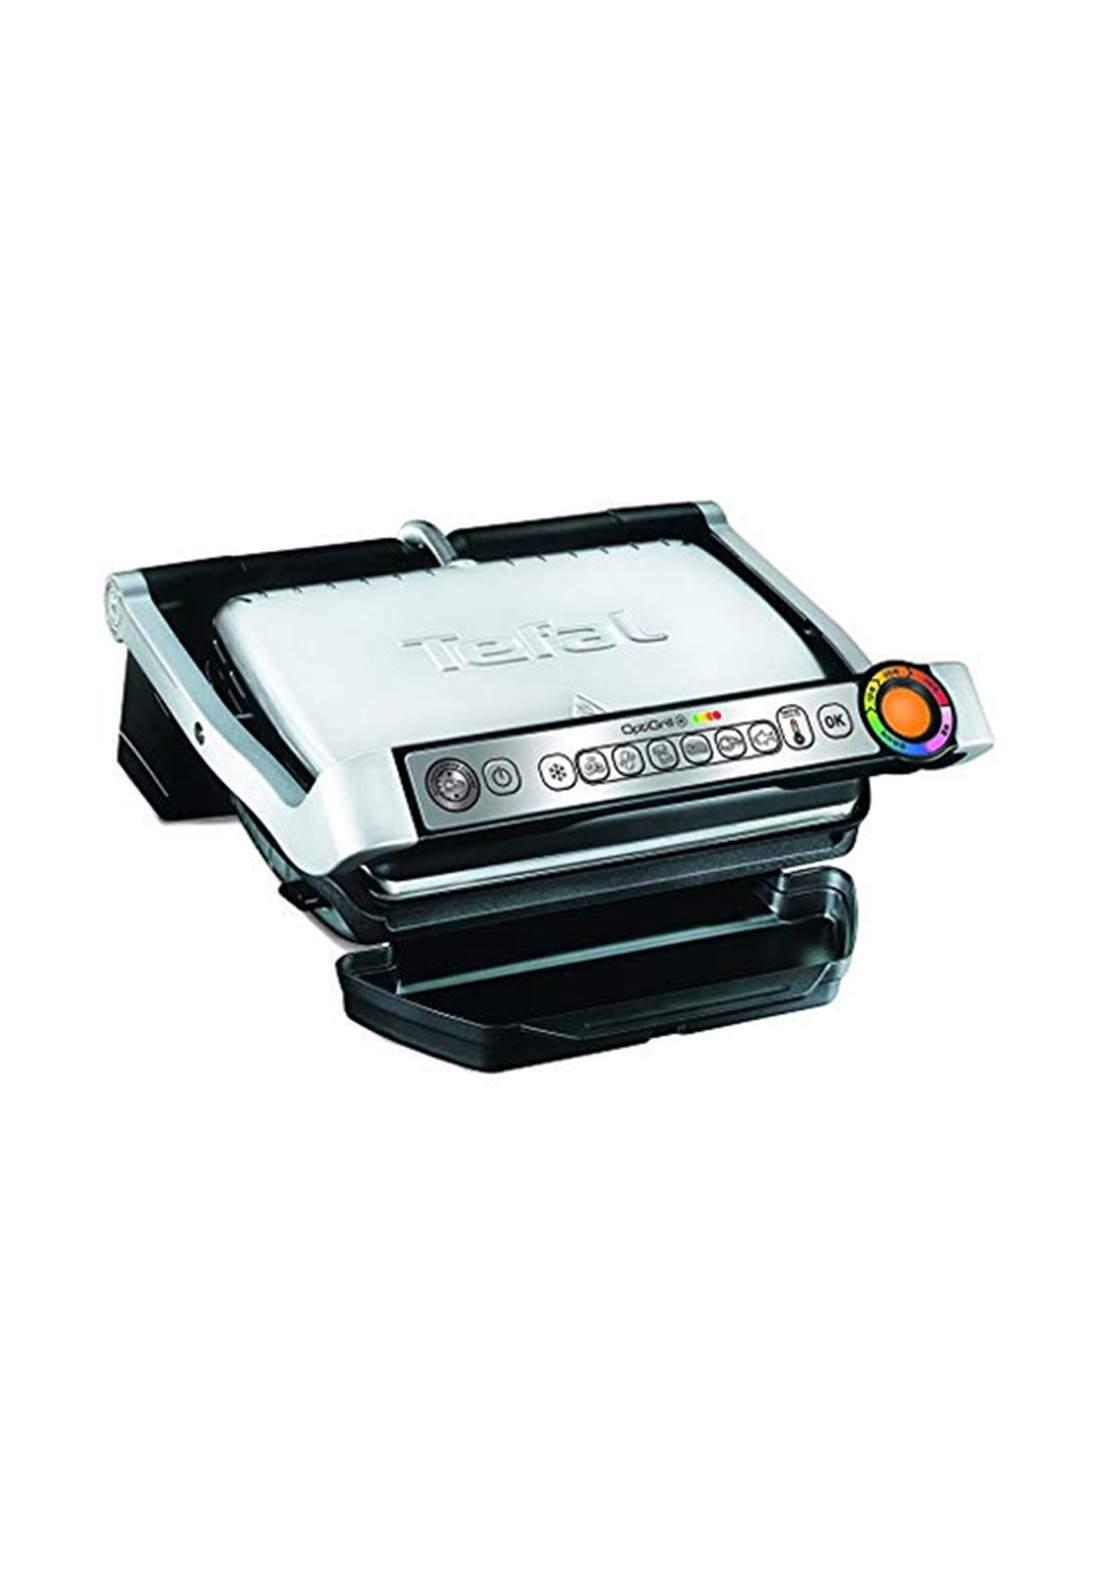 Tefal GC715D28 Optigrill Plus BBQ  شواية كهربائية